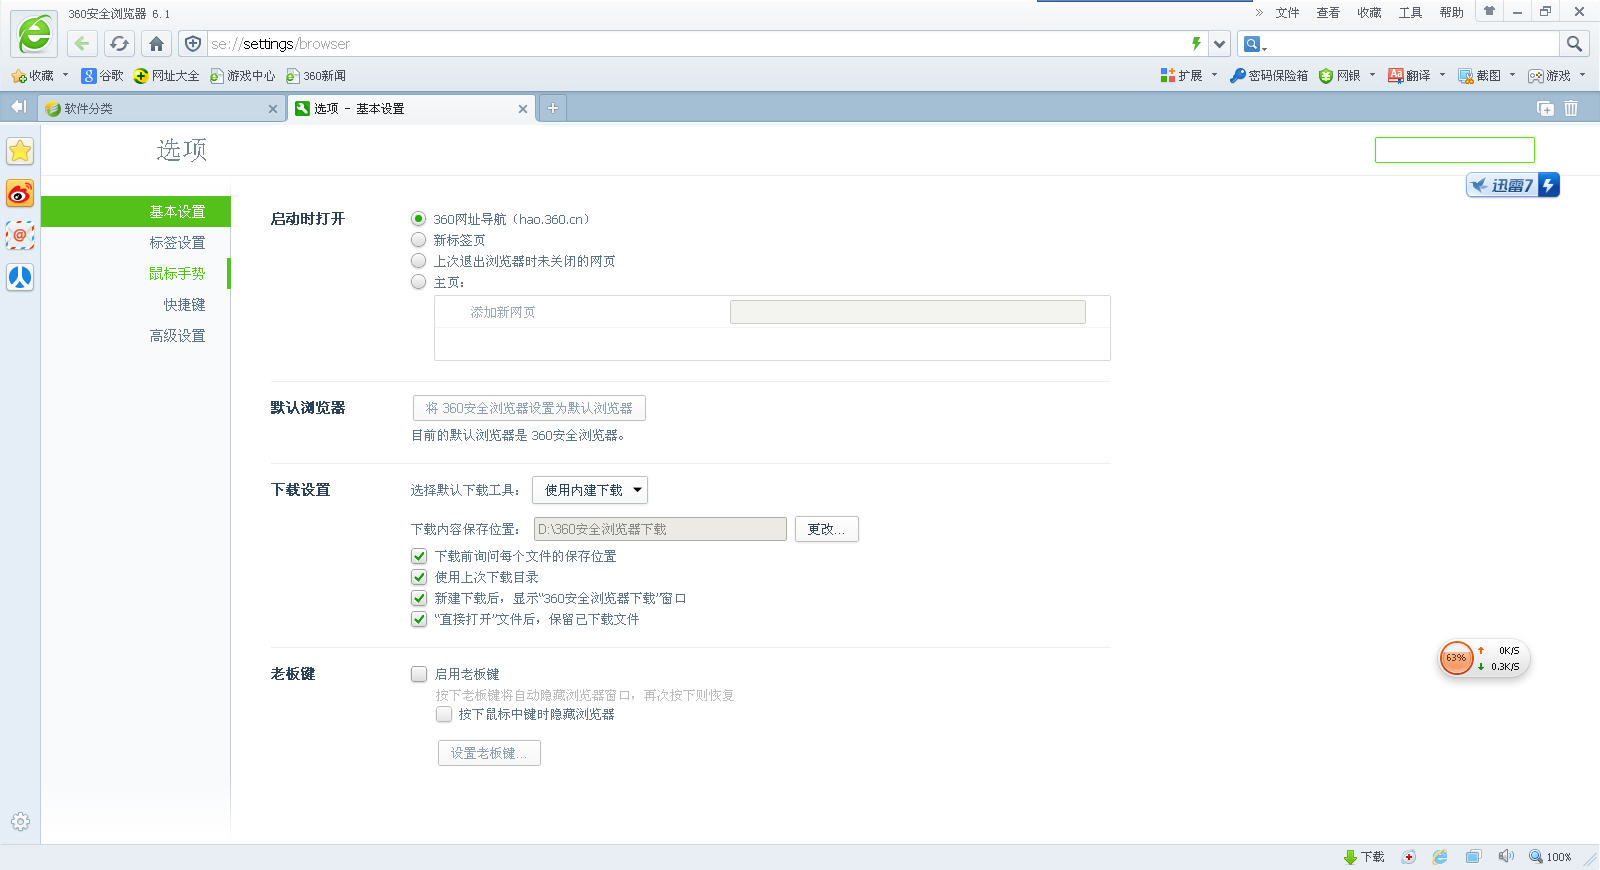 360安全浏览器V6.1.0.156 超速版 官方最新版